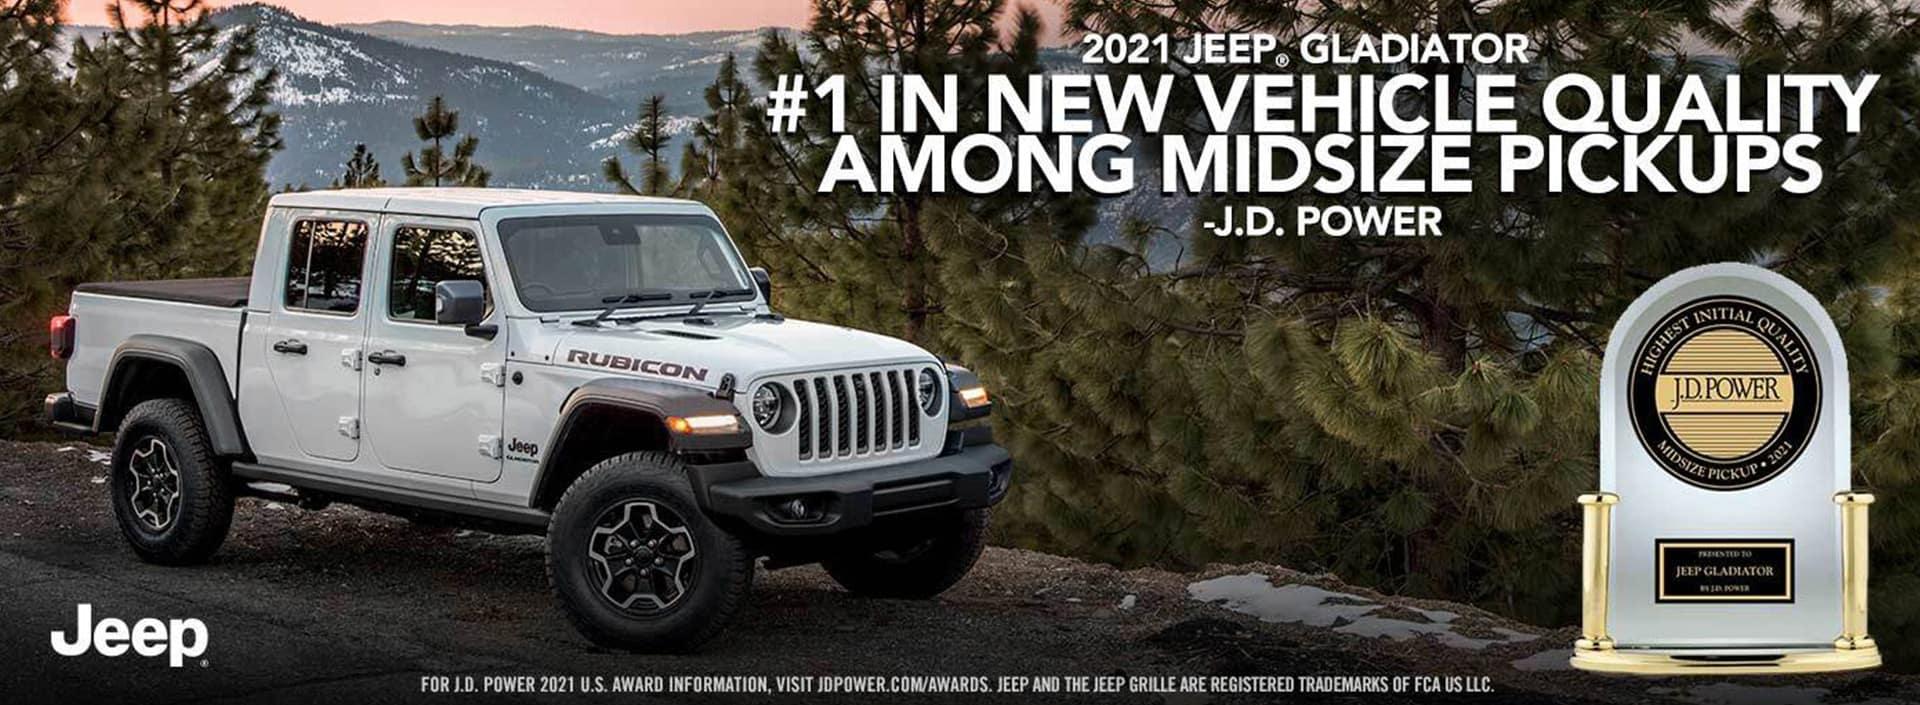 Jeep Gladiator JD Power Award